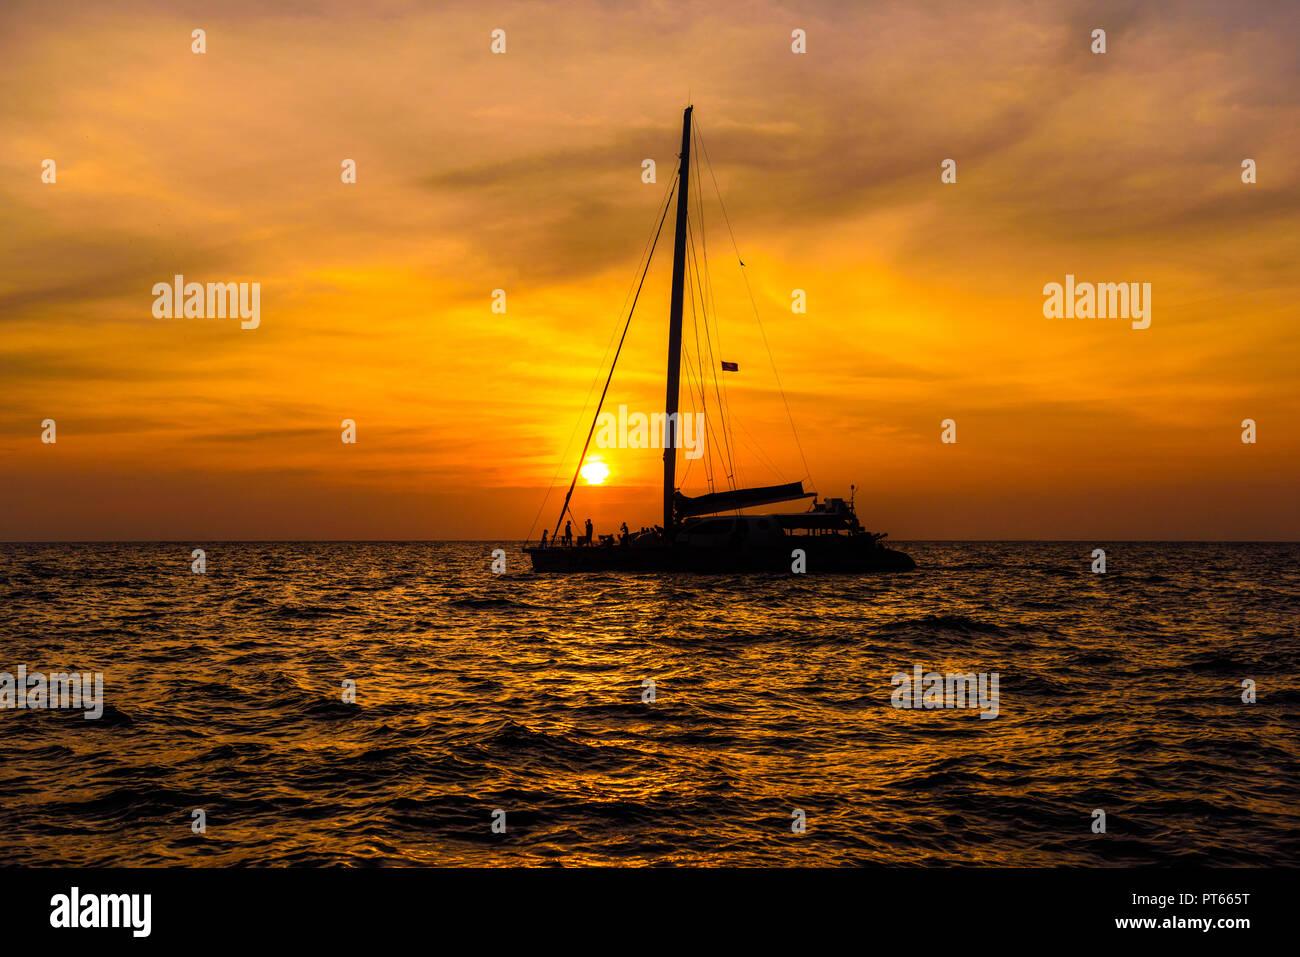 Inspirational Travel Images Stock Photos Amp Inspirational